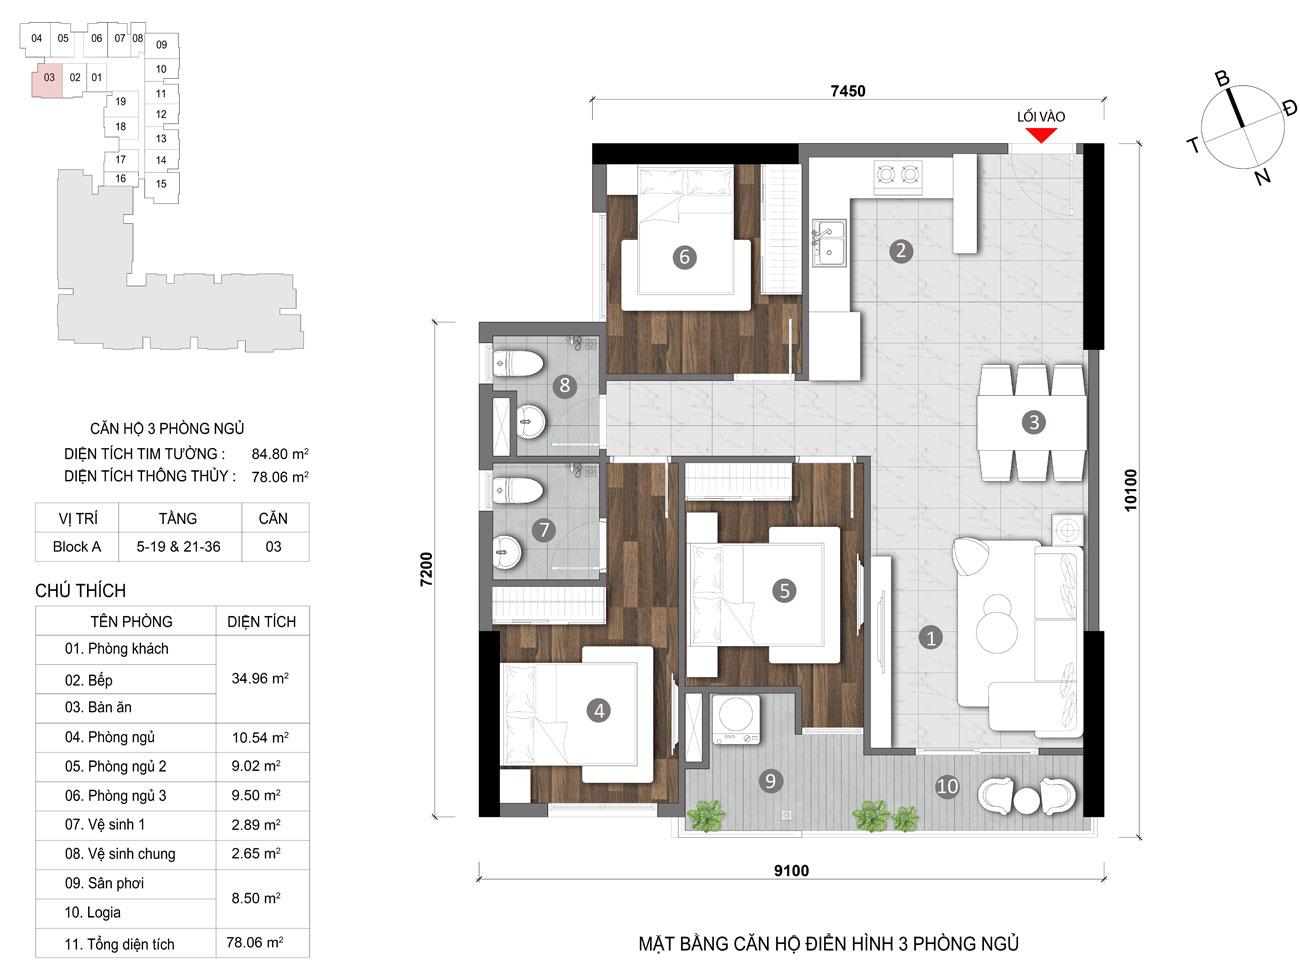 Thiết kế chi tiết căn hộ diện tích 78m2 dự án căn hộ chung cư Opal Skyline Thuận An Đường Nguyễn Văn Tiết chủ đầu tư Đất Xanh